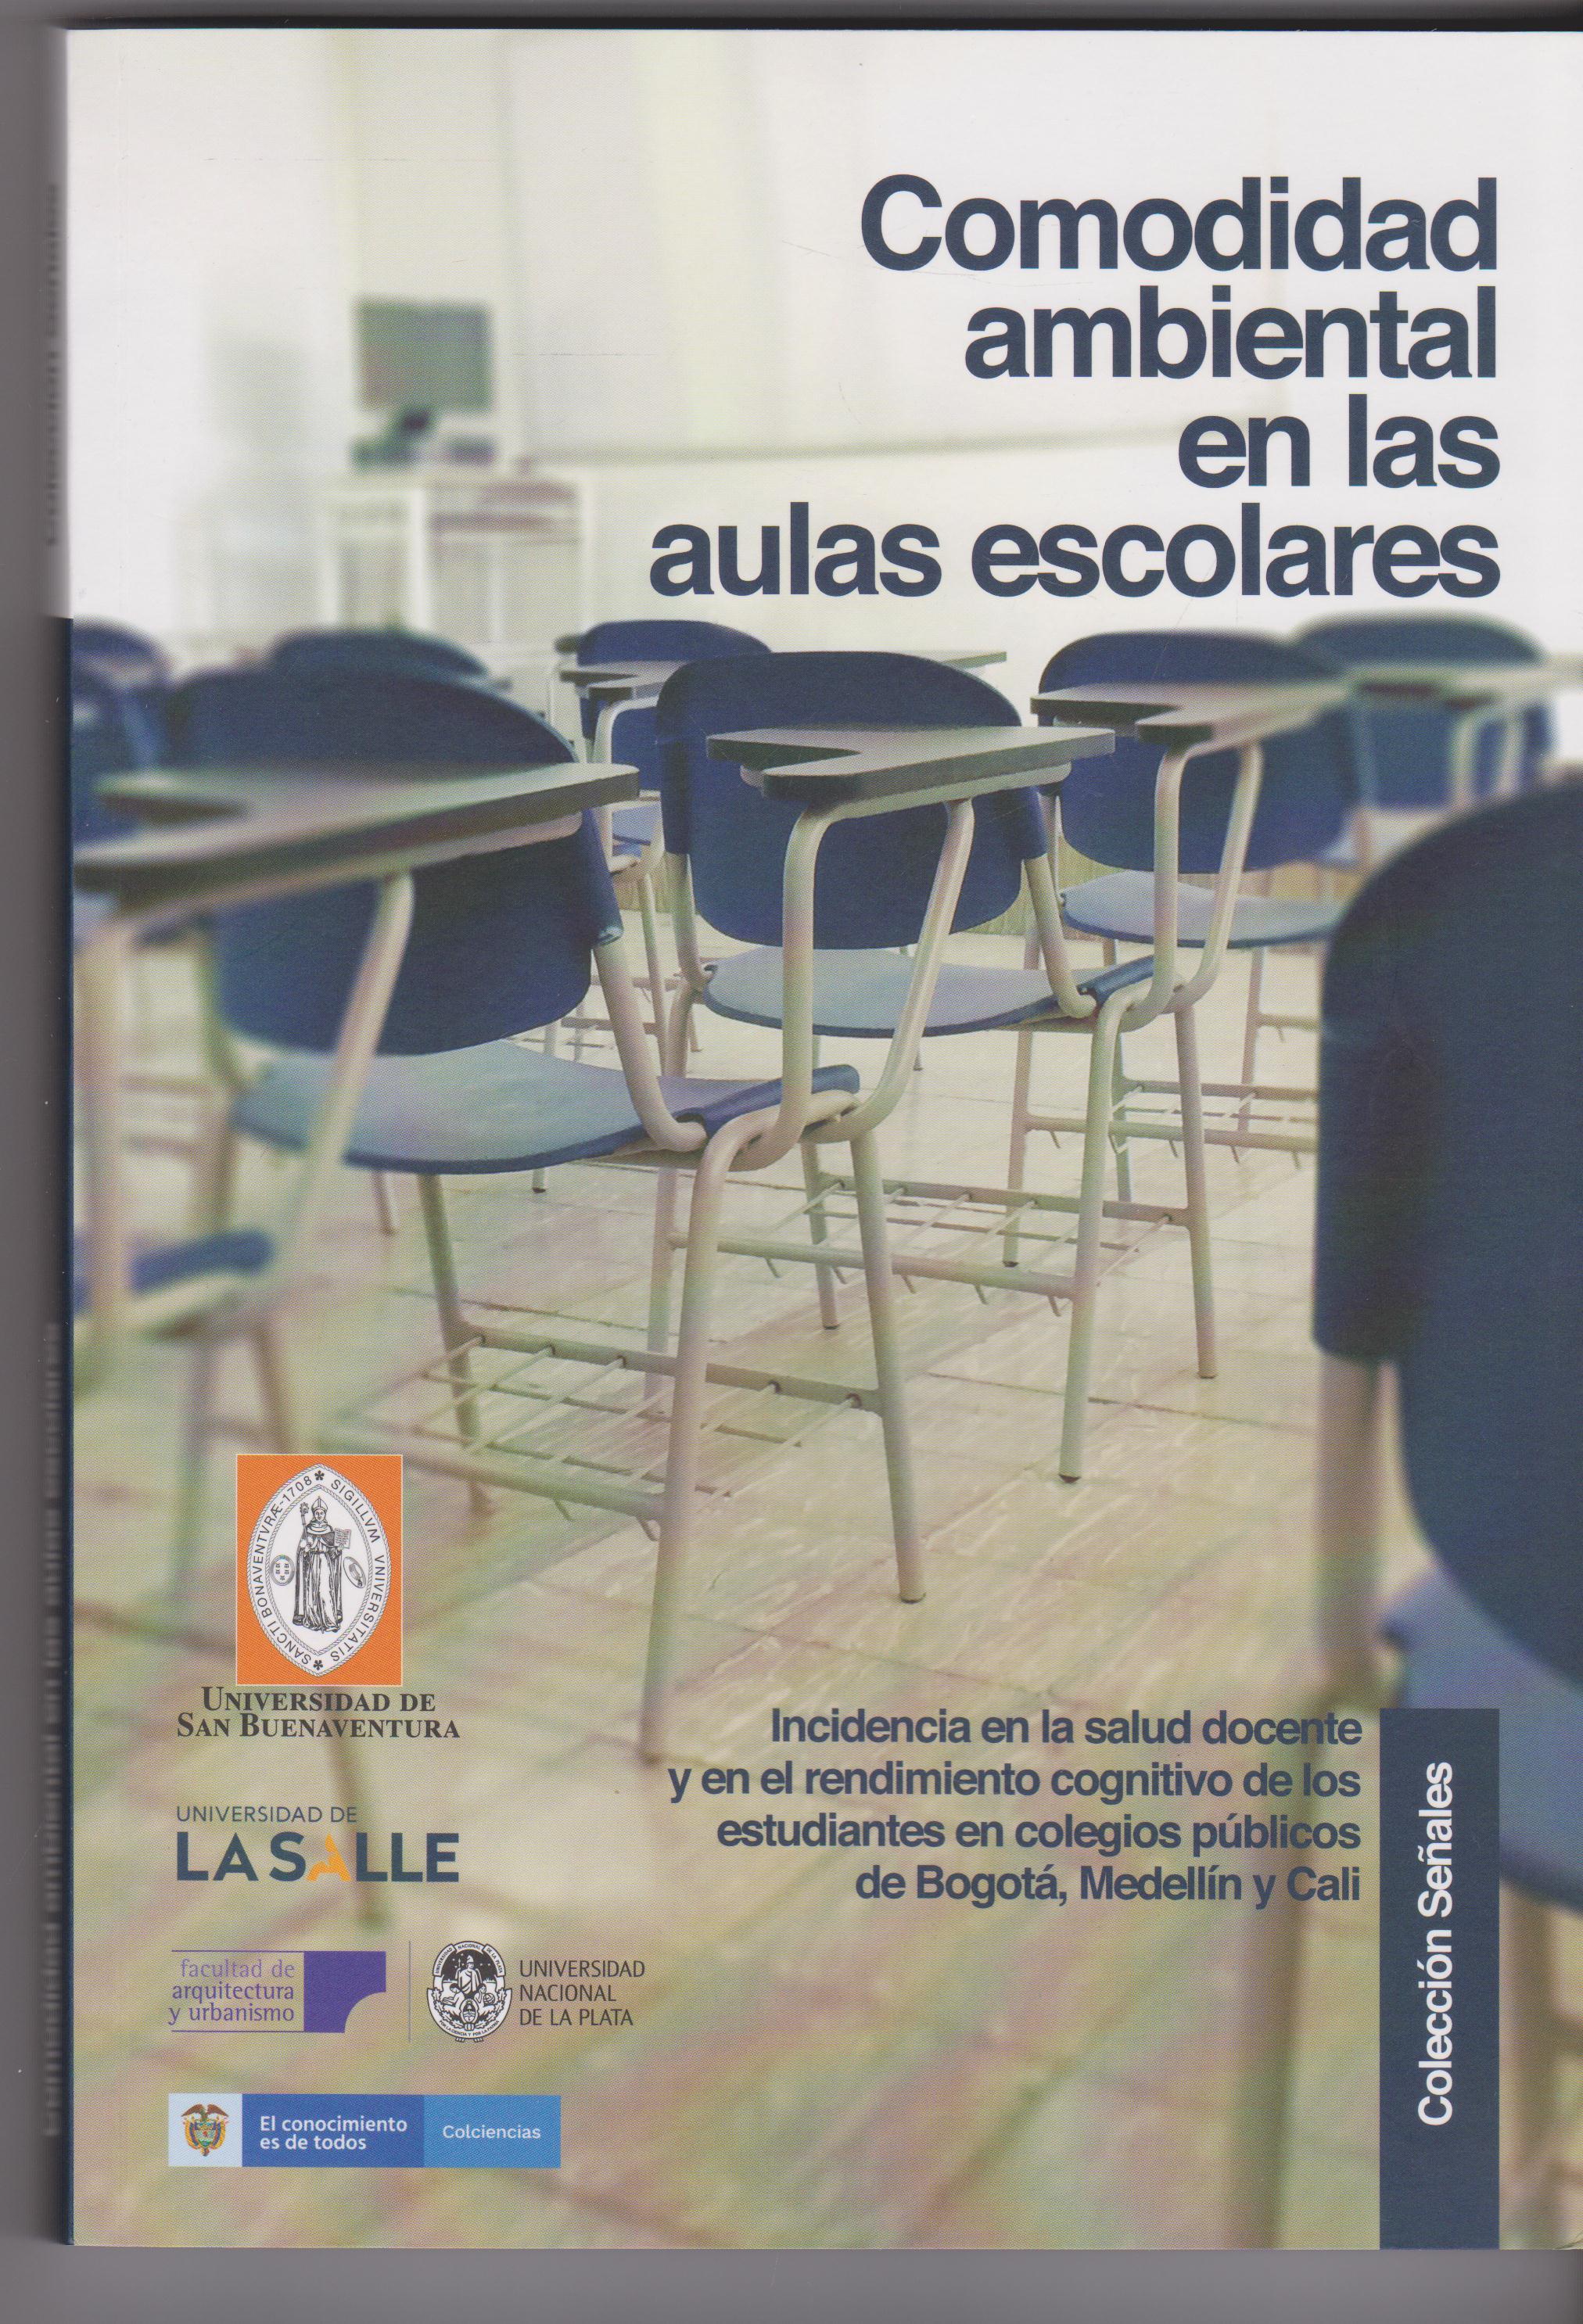 Comodidad ambiental en las aulas escolares. Incidencia en la salud docente y en el rendimiento cognitivo de los estudiantes en colegios públicos de Bogotá, Medellín y Cali.